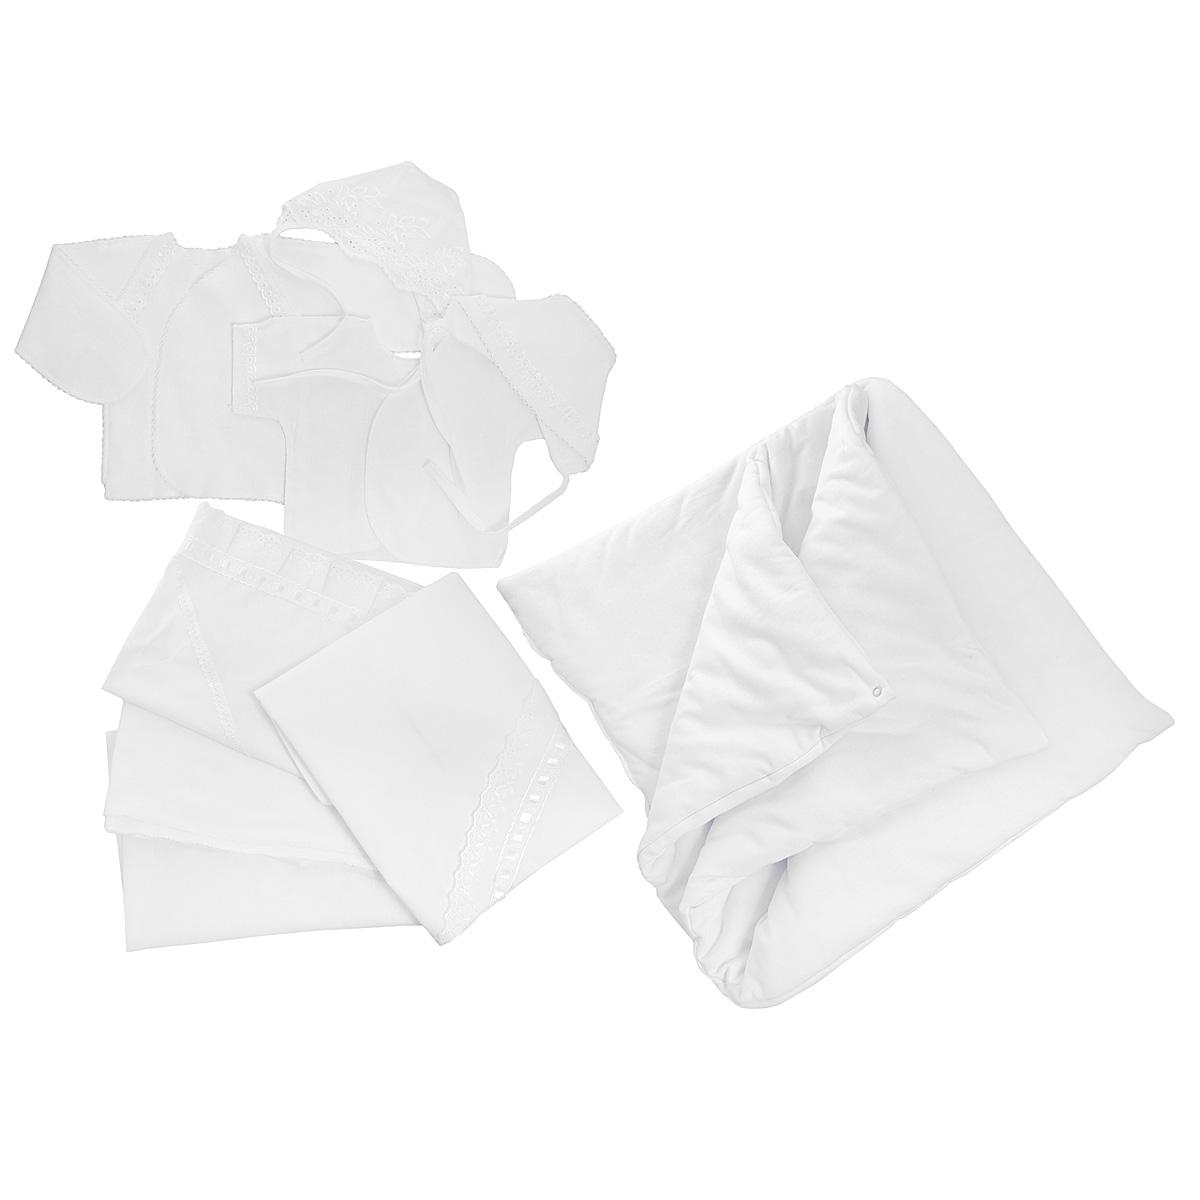 Комплект одежды Трон-плюс комплект для крещения детский трон плюс рубашка чепчик цвет белый 1403 размер 62 3 месяца